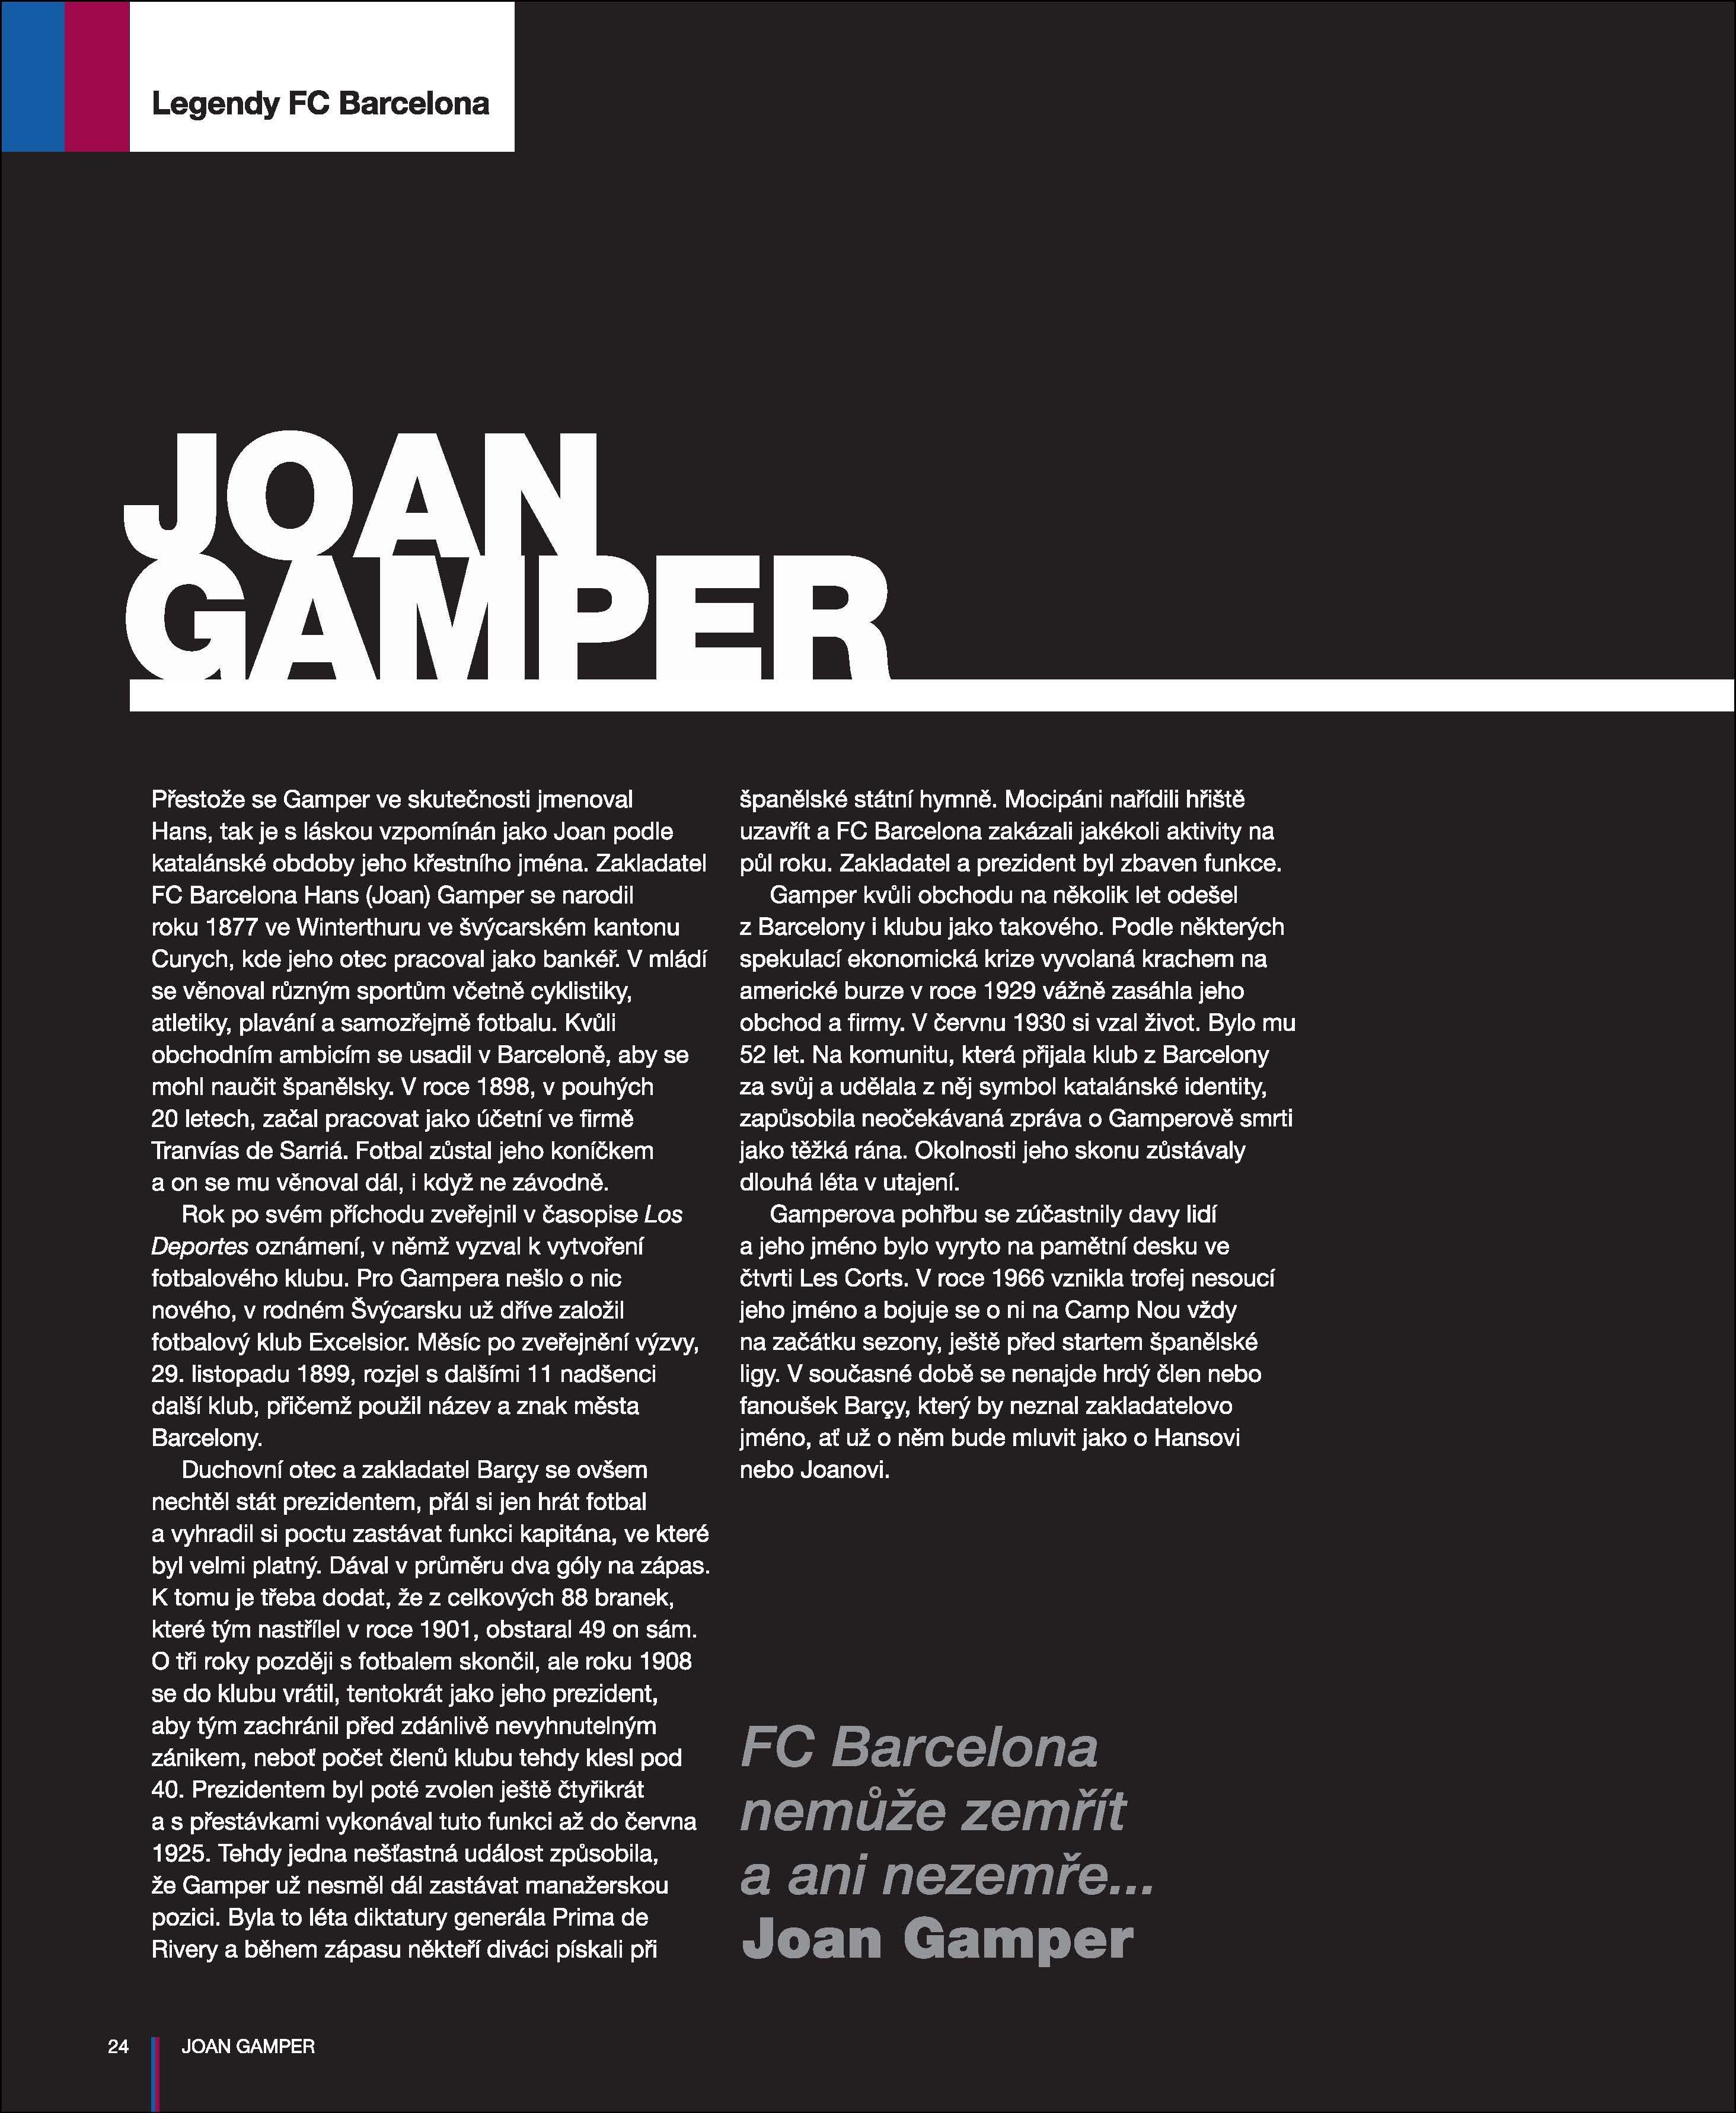 59b362232a211 Barca: oficiální ilustrovaná historie FC Barcelona ·  0038891009_strana_022.jpg · 0038891009_strana_024.jpg